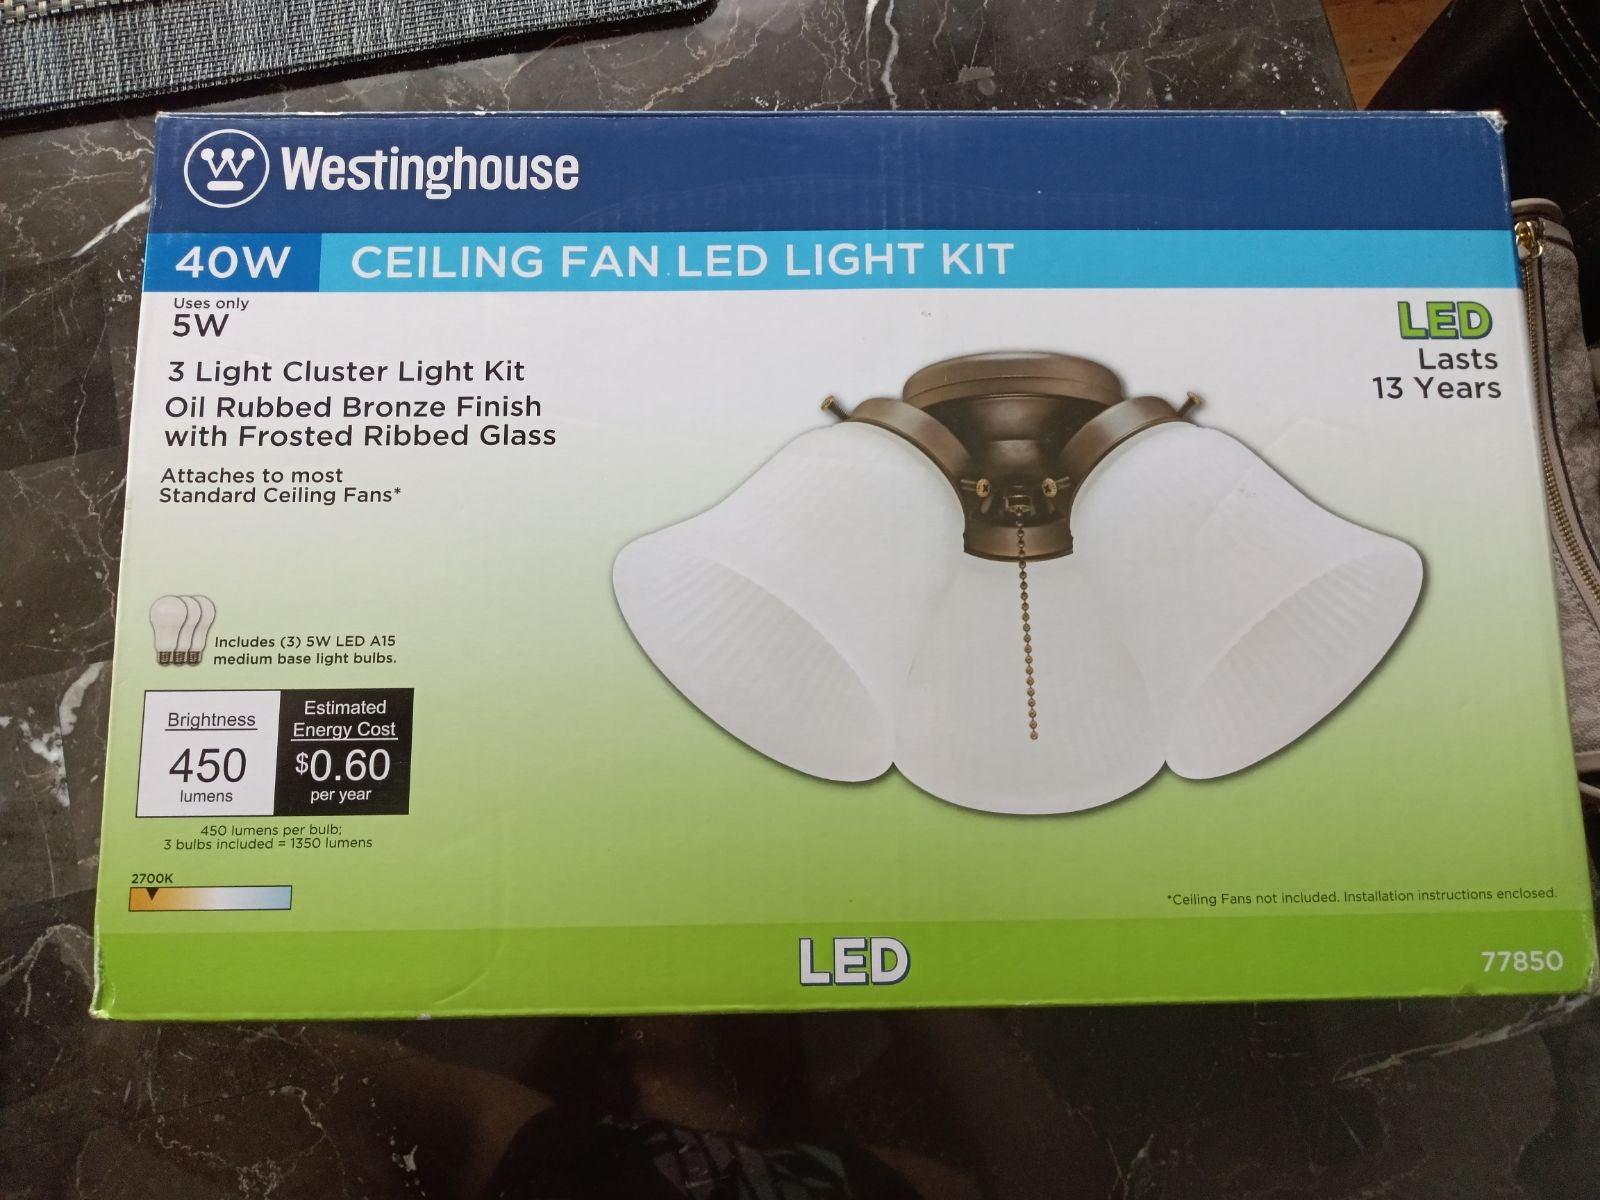 Ceiling fan led light kit